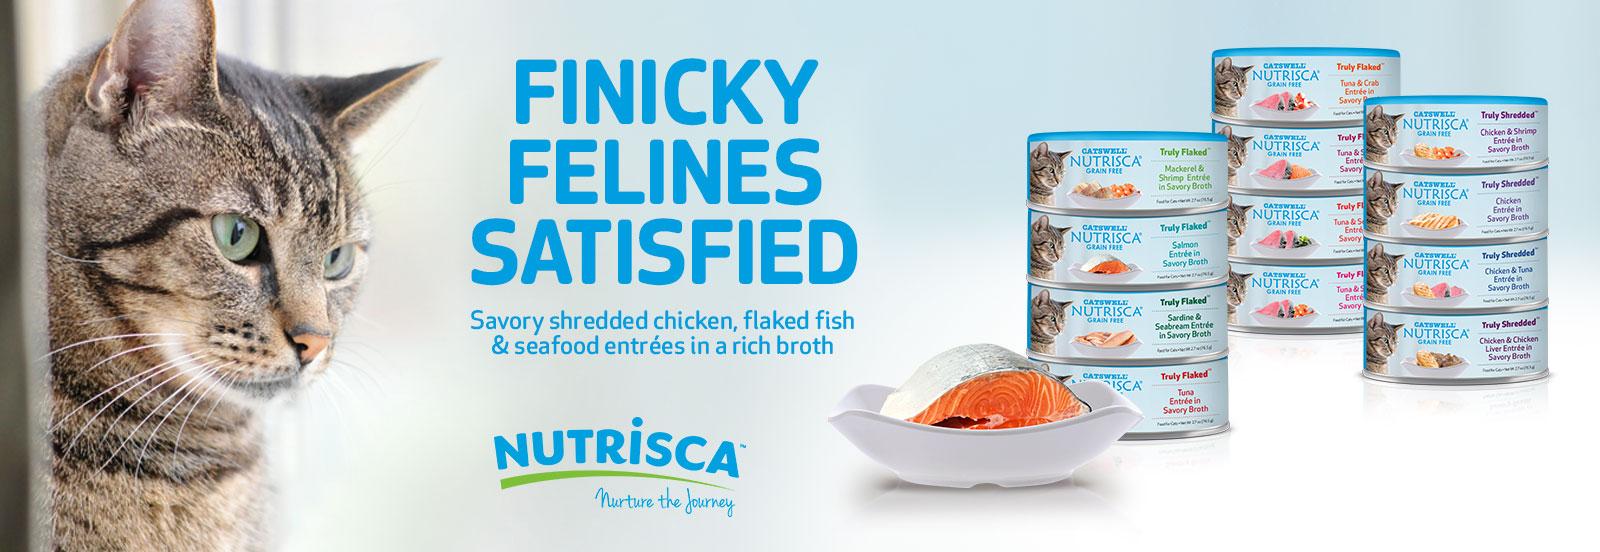 nutrisca-cat-food